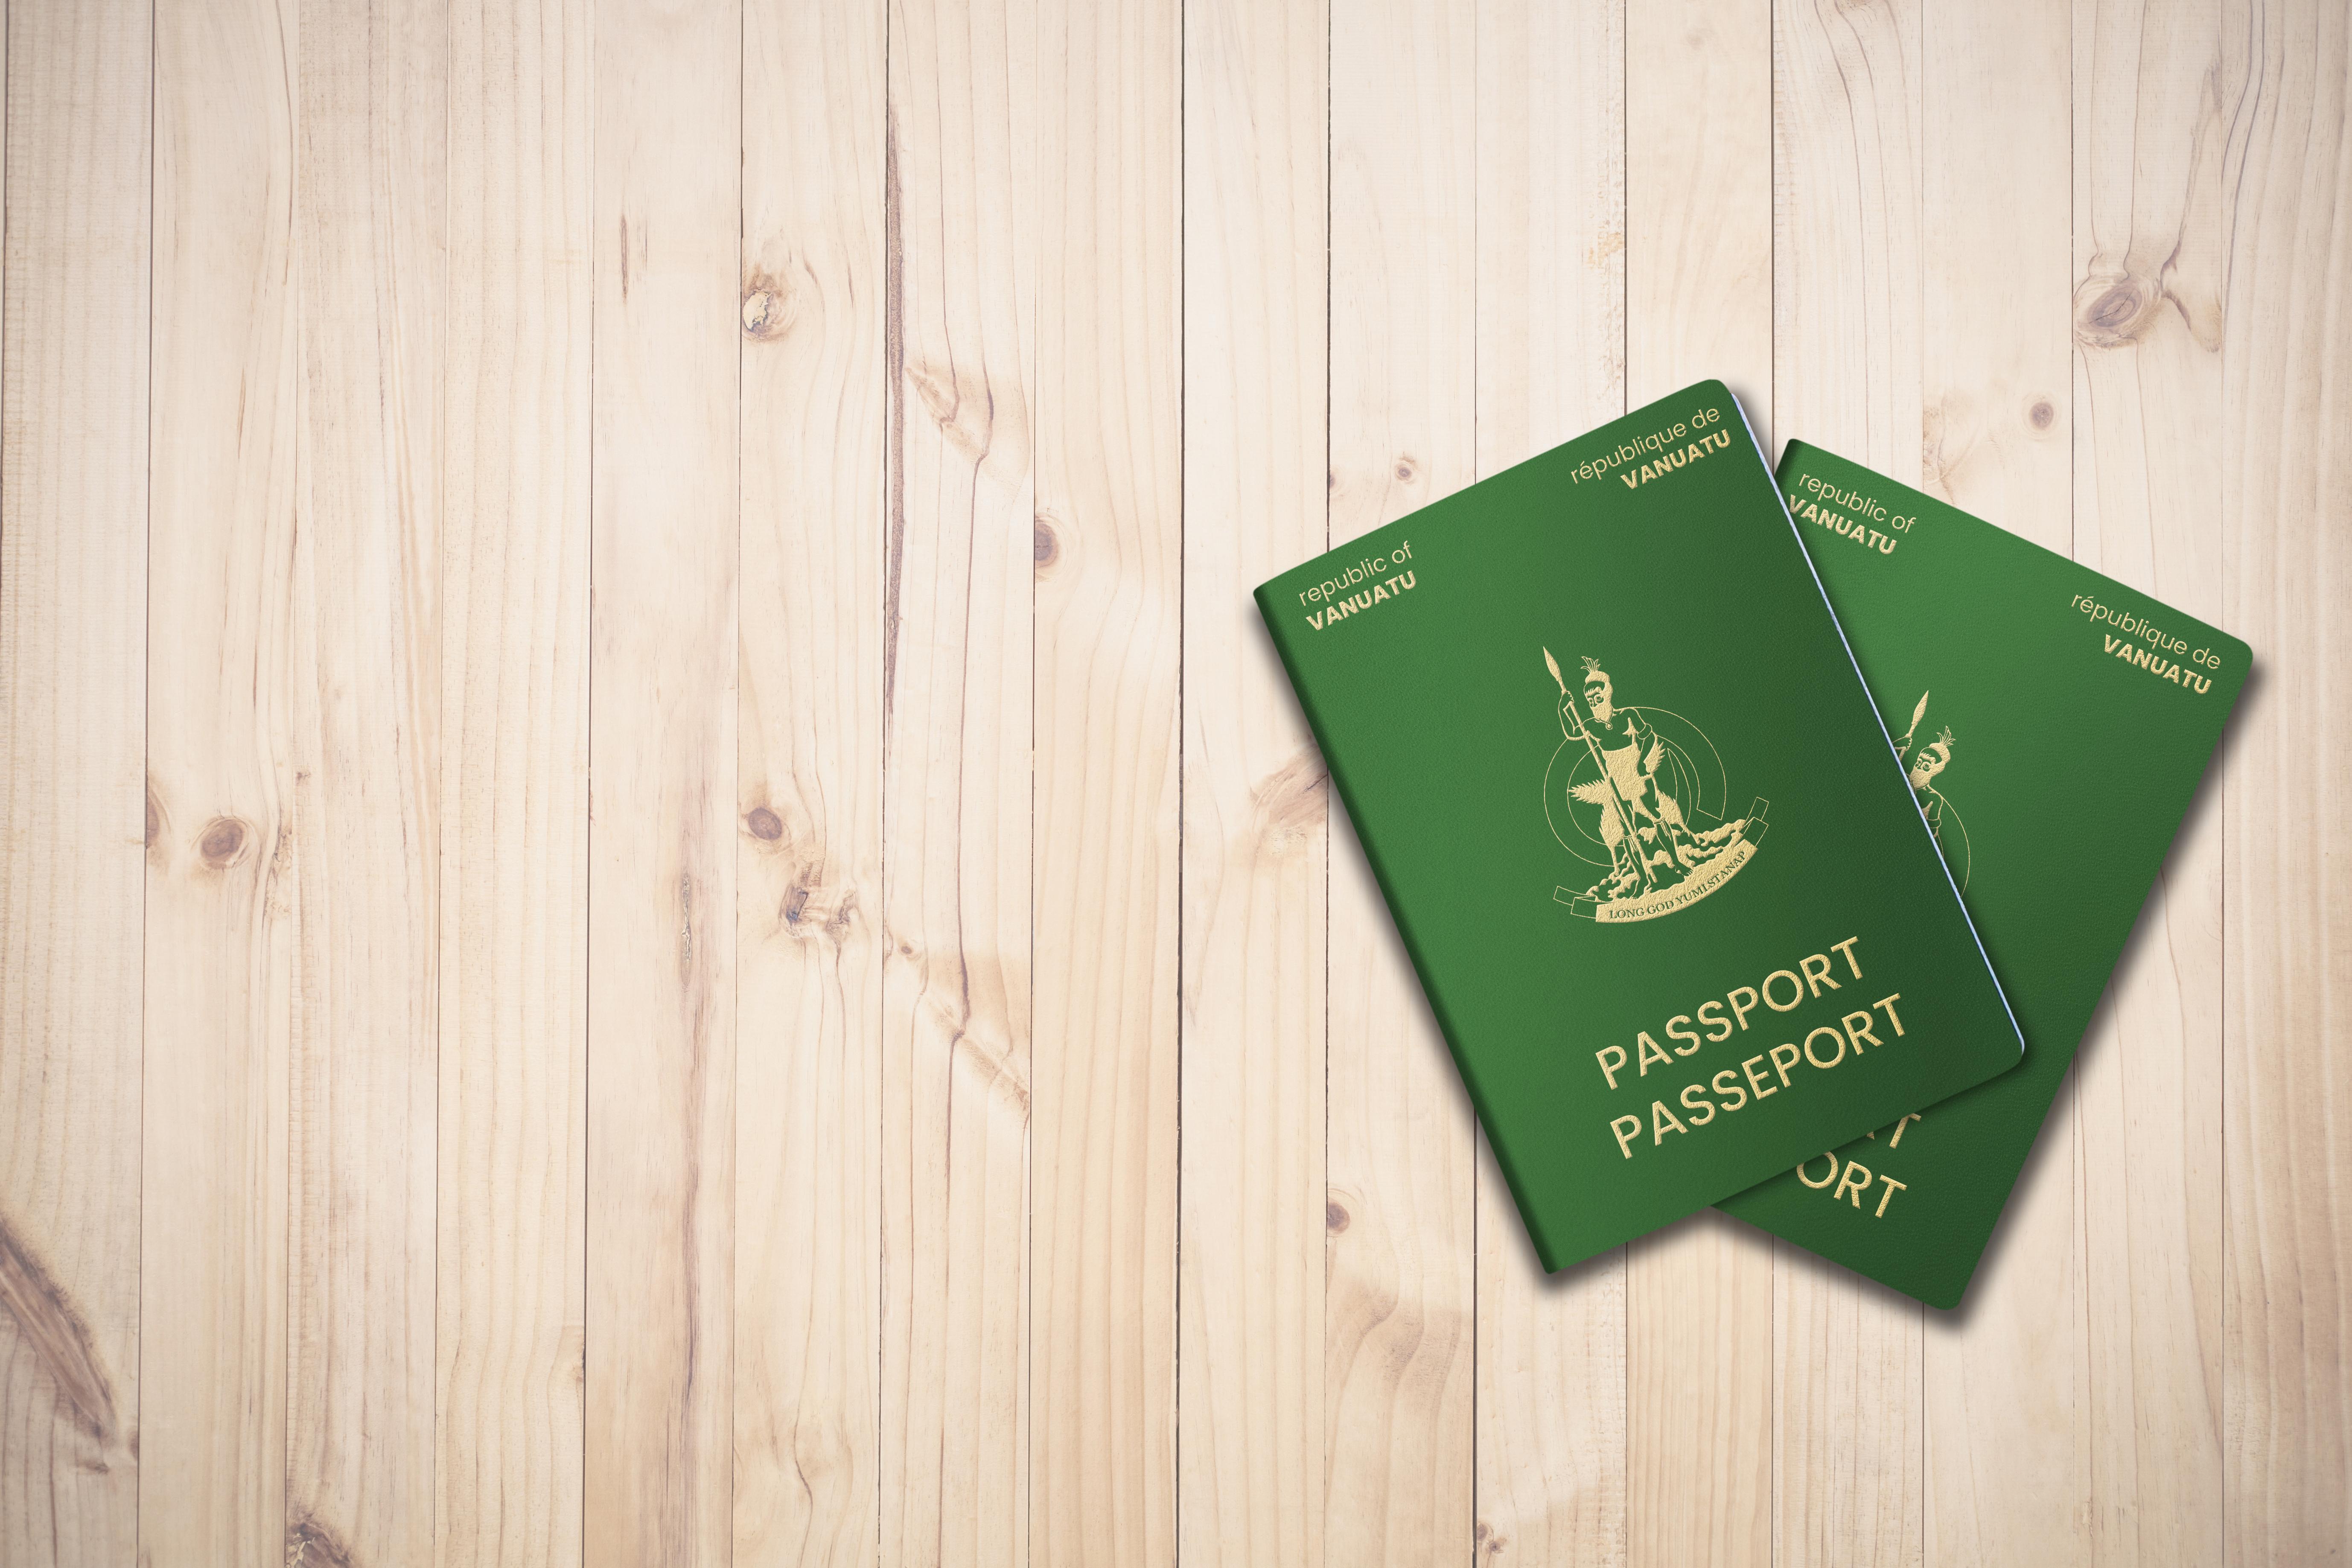 Паспорта Вануату, который могут получить россияне, украинцы и белорусы